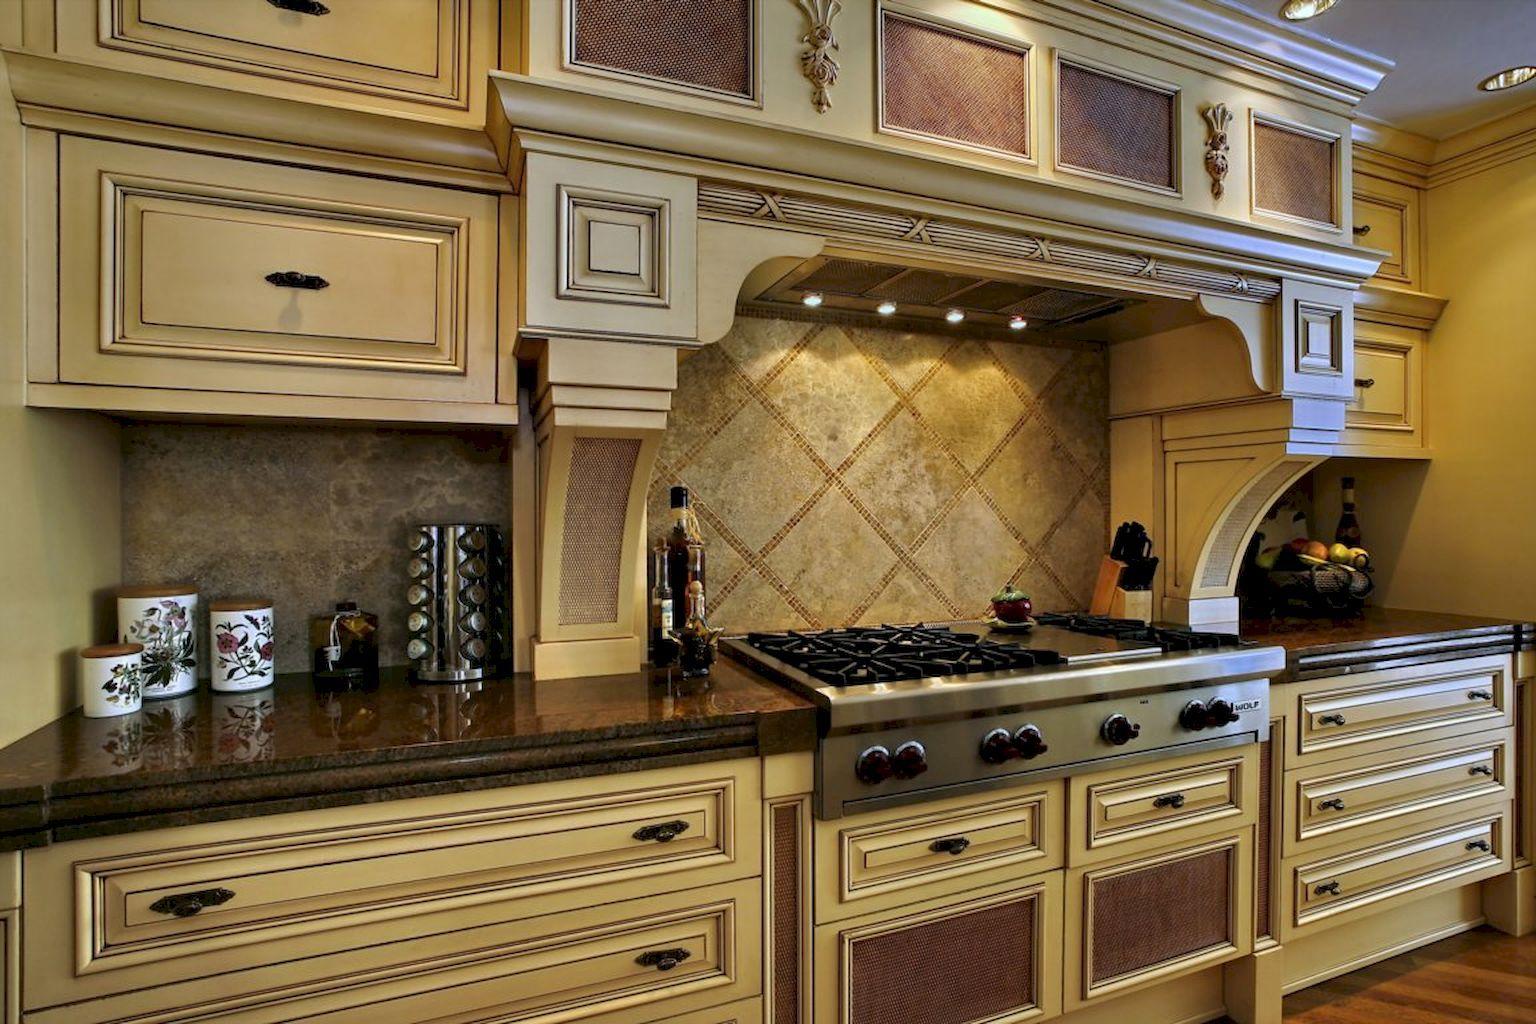 Best 30 Cozy Kitchen Cabinet Ideas | Cream colored kitchen ...